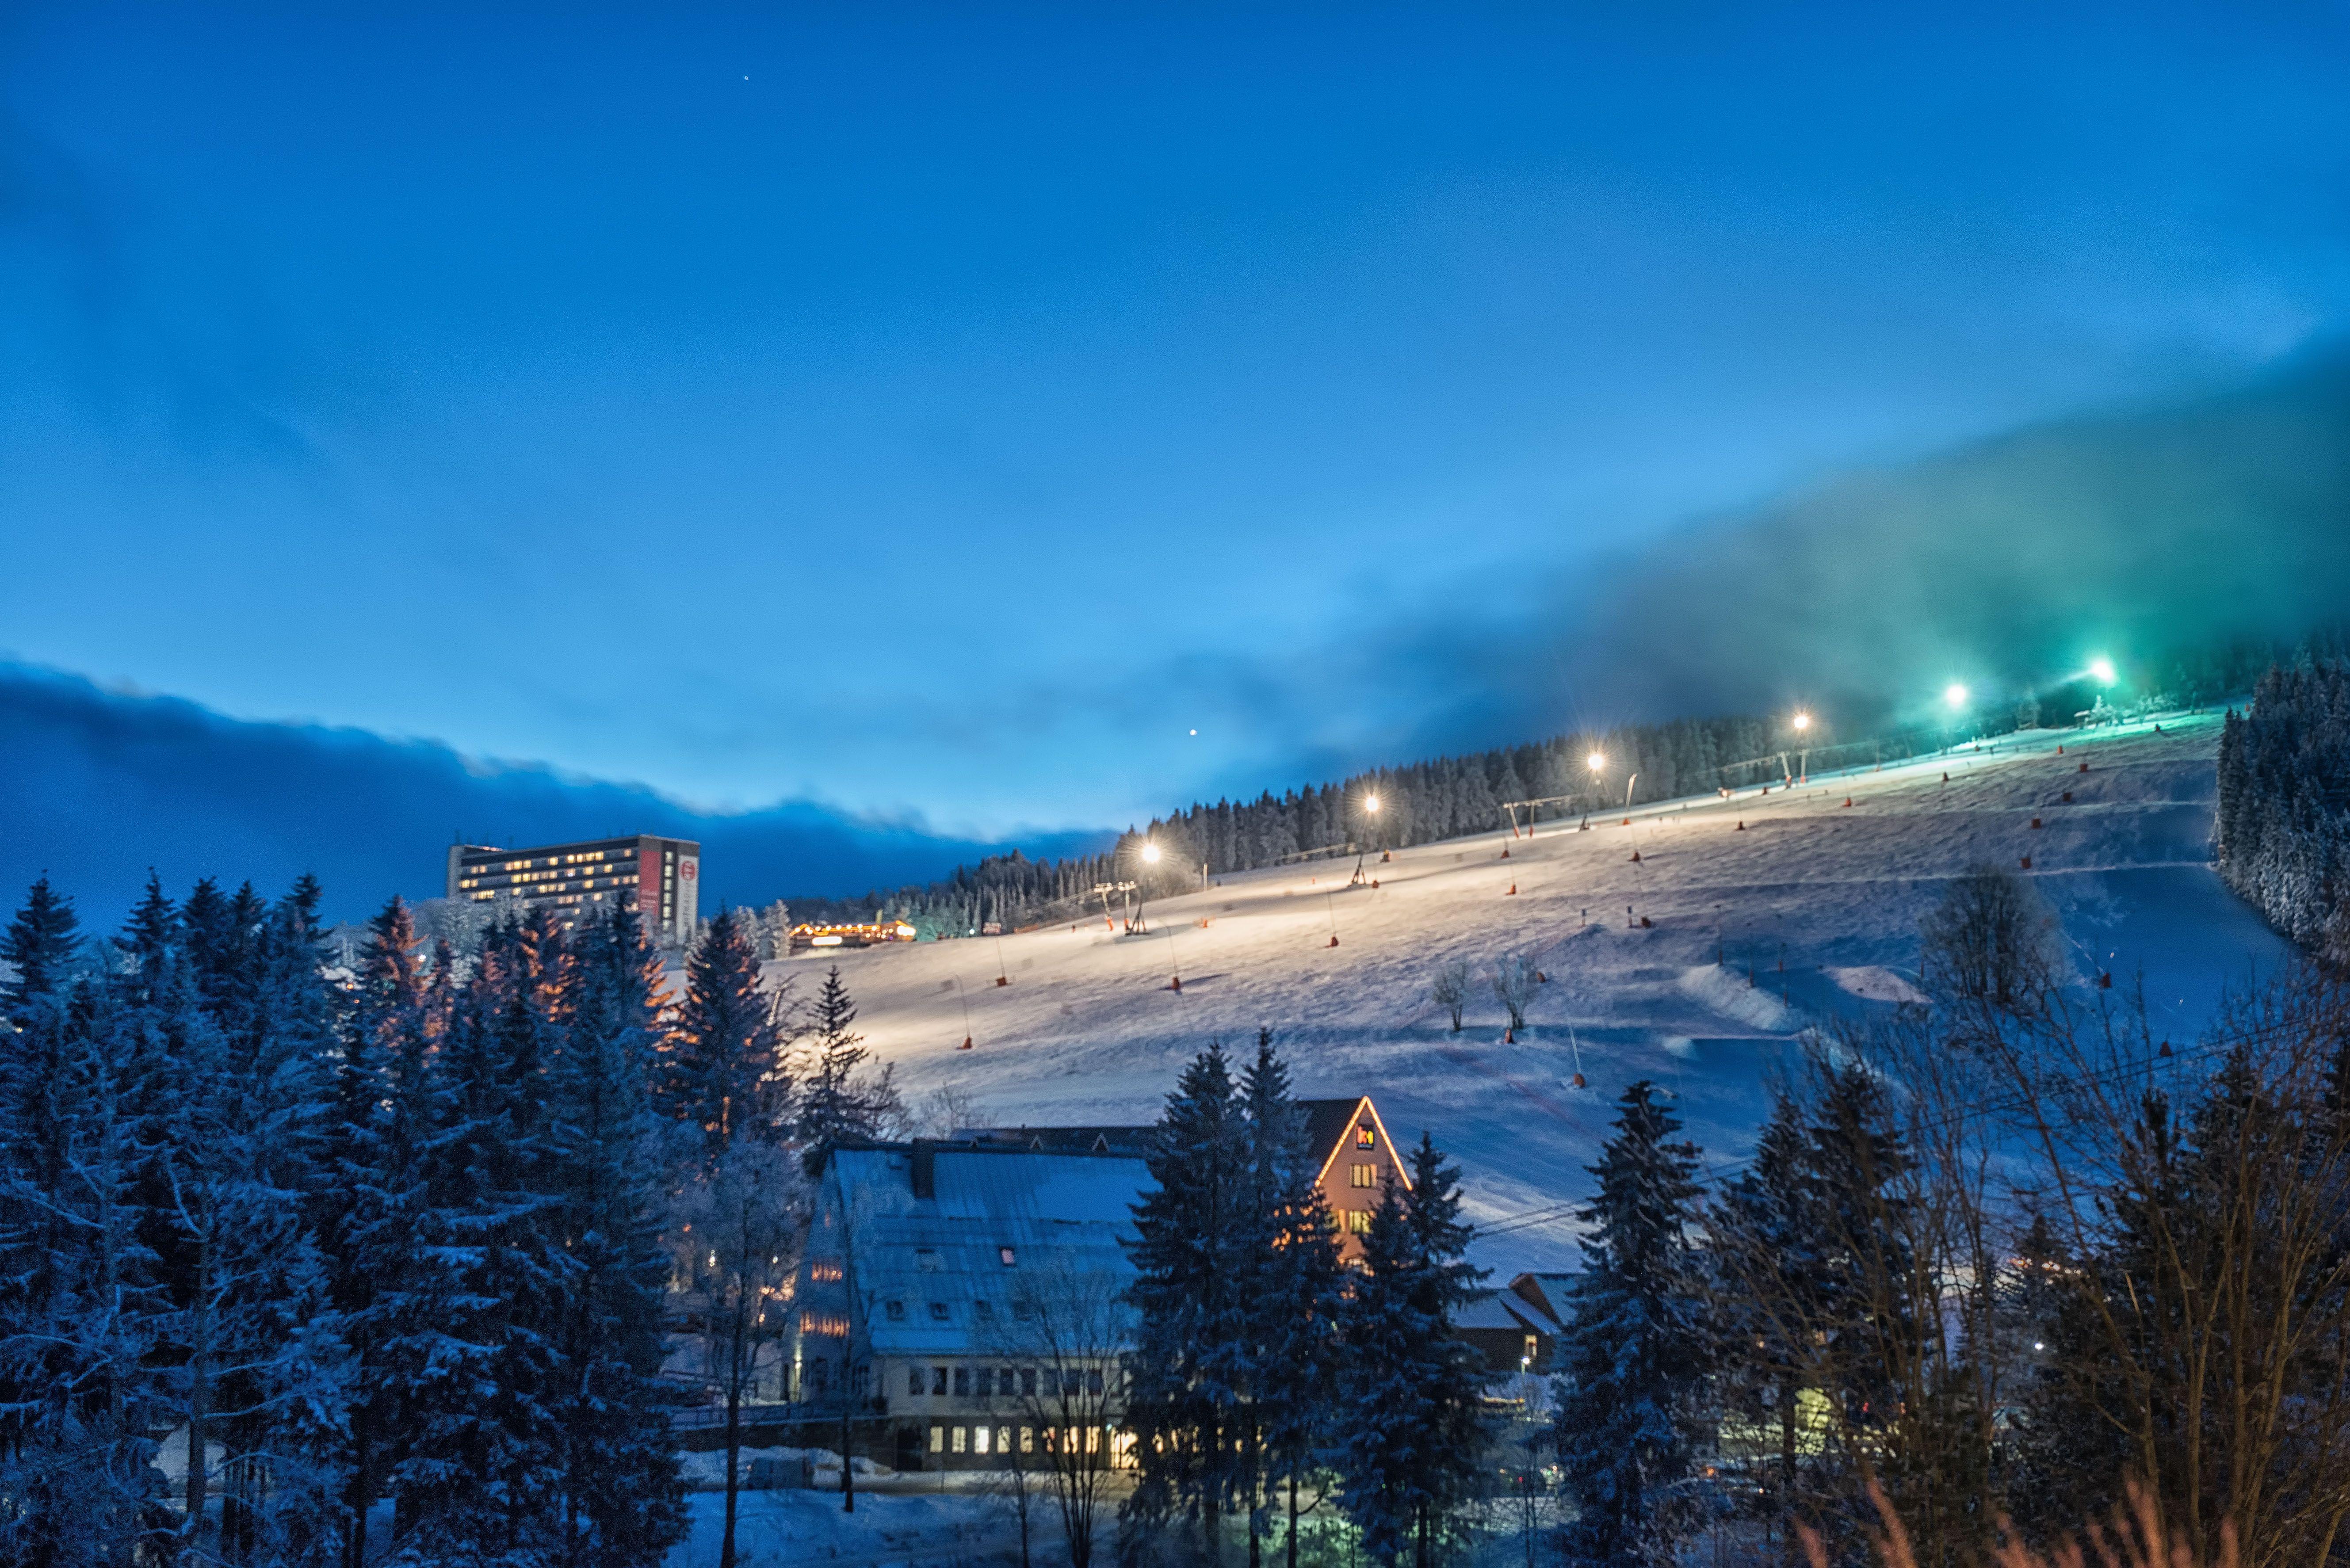 Nachtskilauf am Fichtelberg - habt ihr es schon einmal probiert?